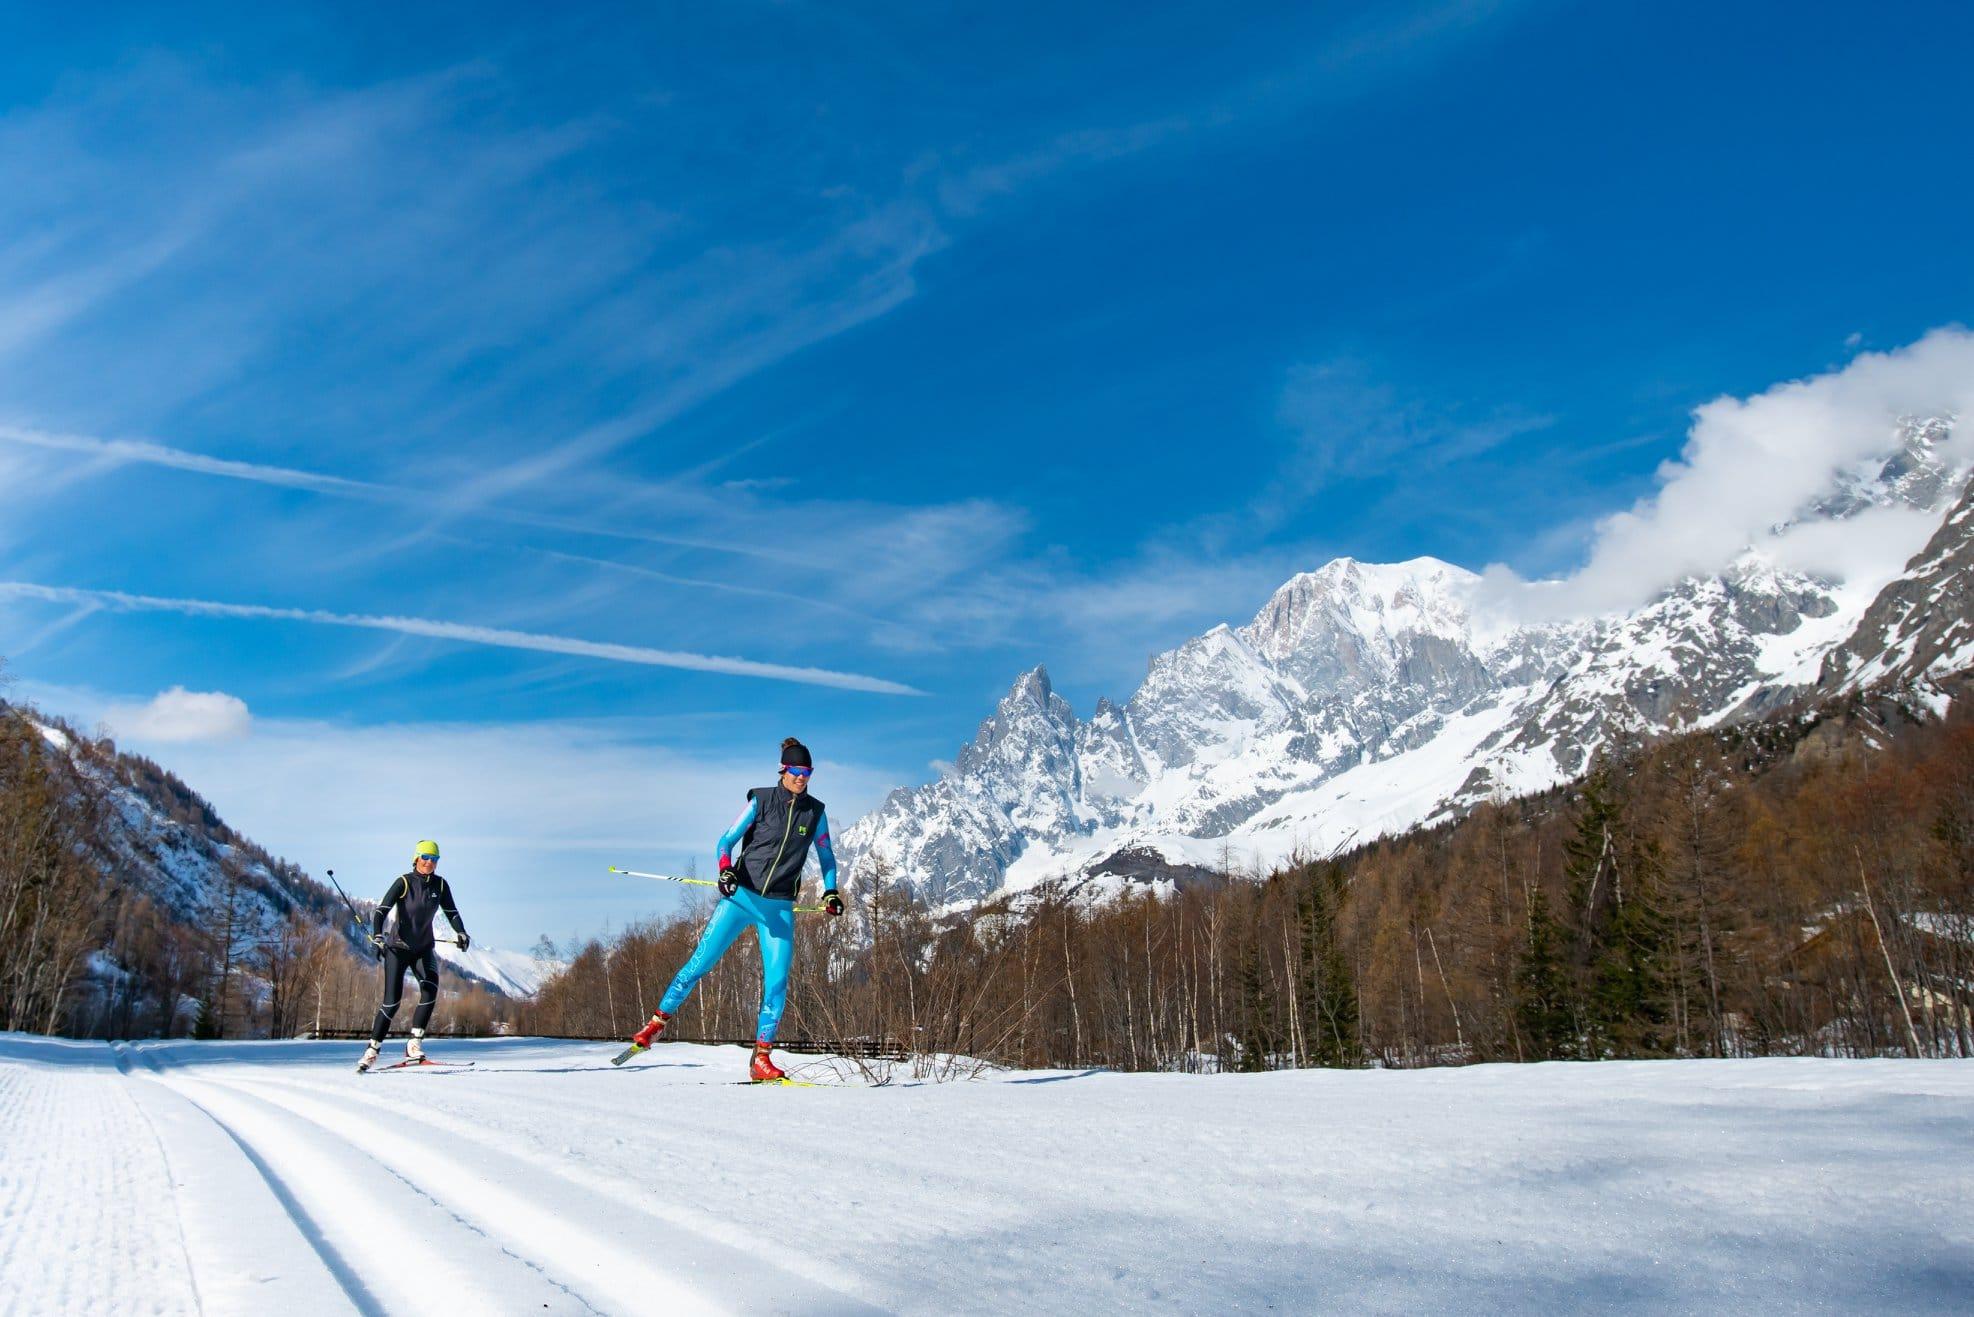 Per gli appassionati dello sci di fondo la Val Ferret a Courmayeur offre 22 chilometri di piste sempre tracciate e battute in uno scenario unico sul Monte Bianco.